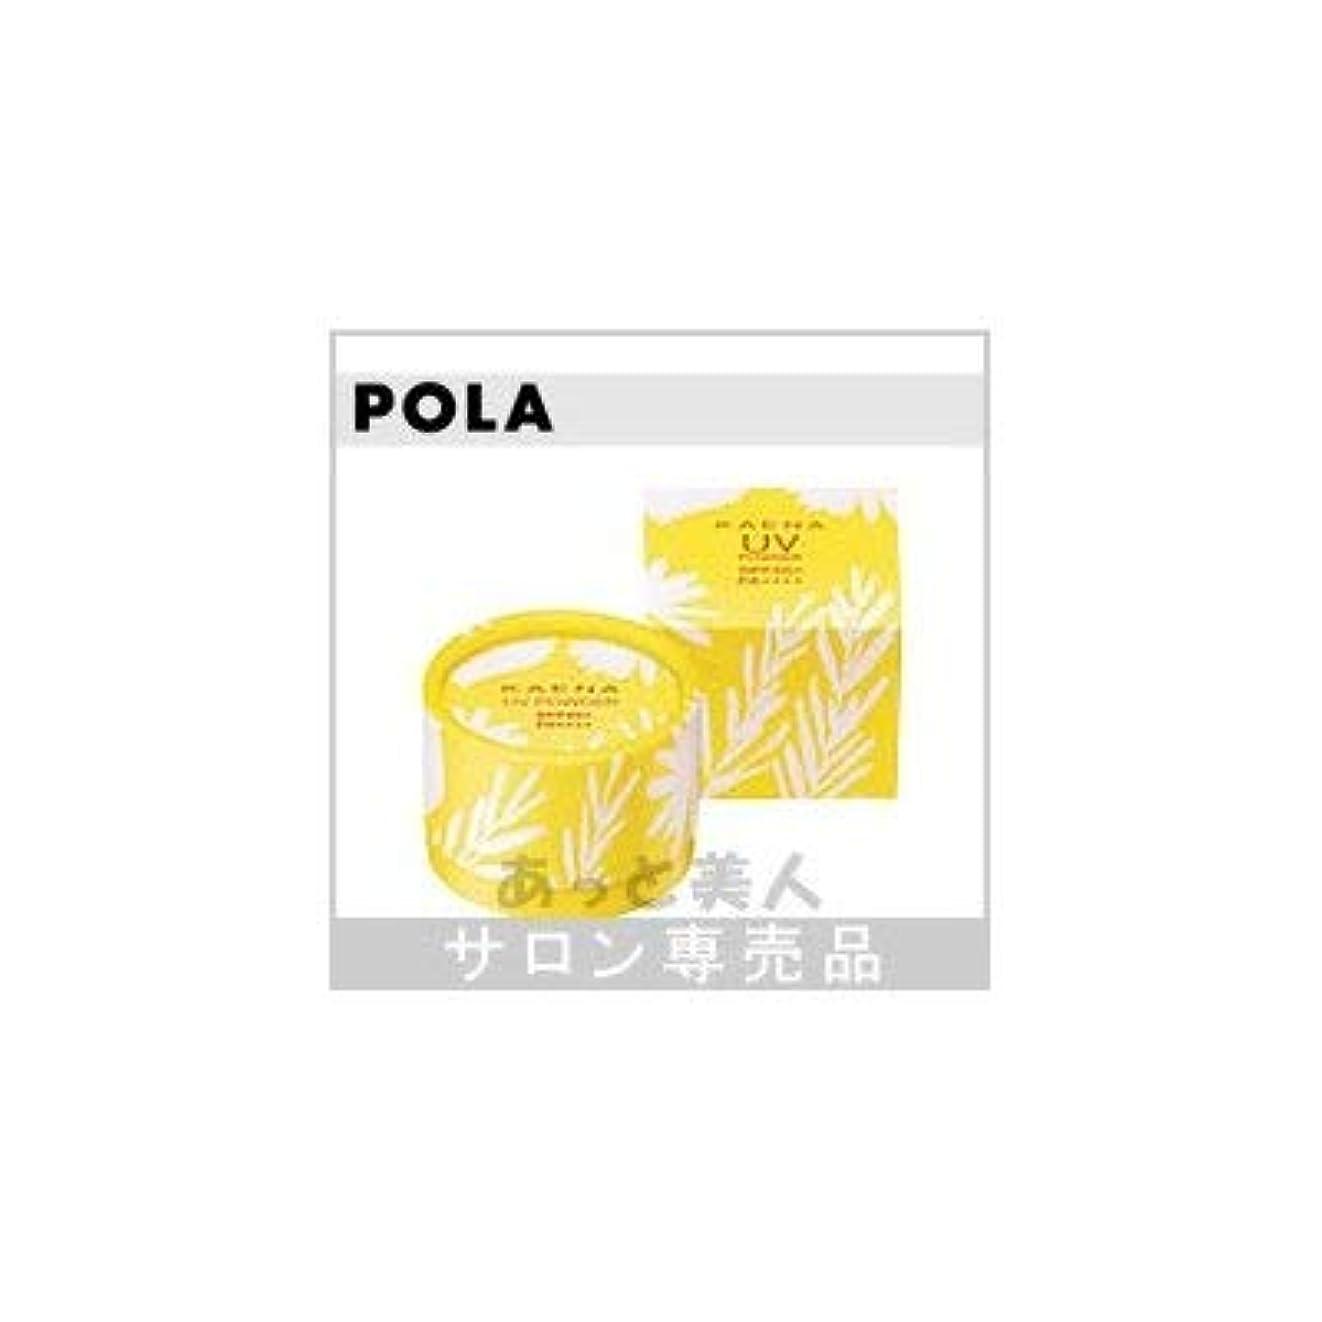 かろうじて反対した値ポーラ カエナ UVパウダー 6.5g (SPF50+ PA++++)